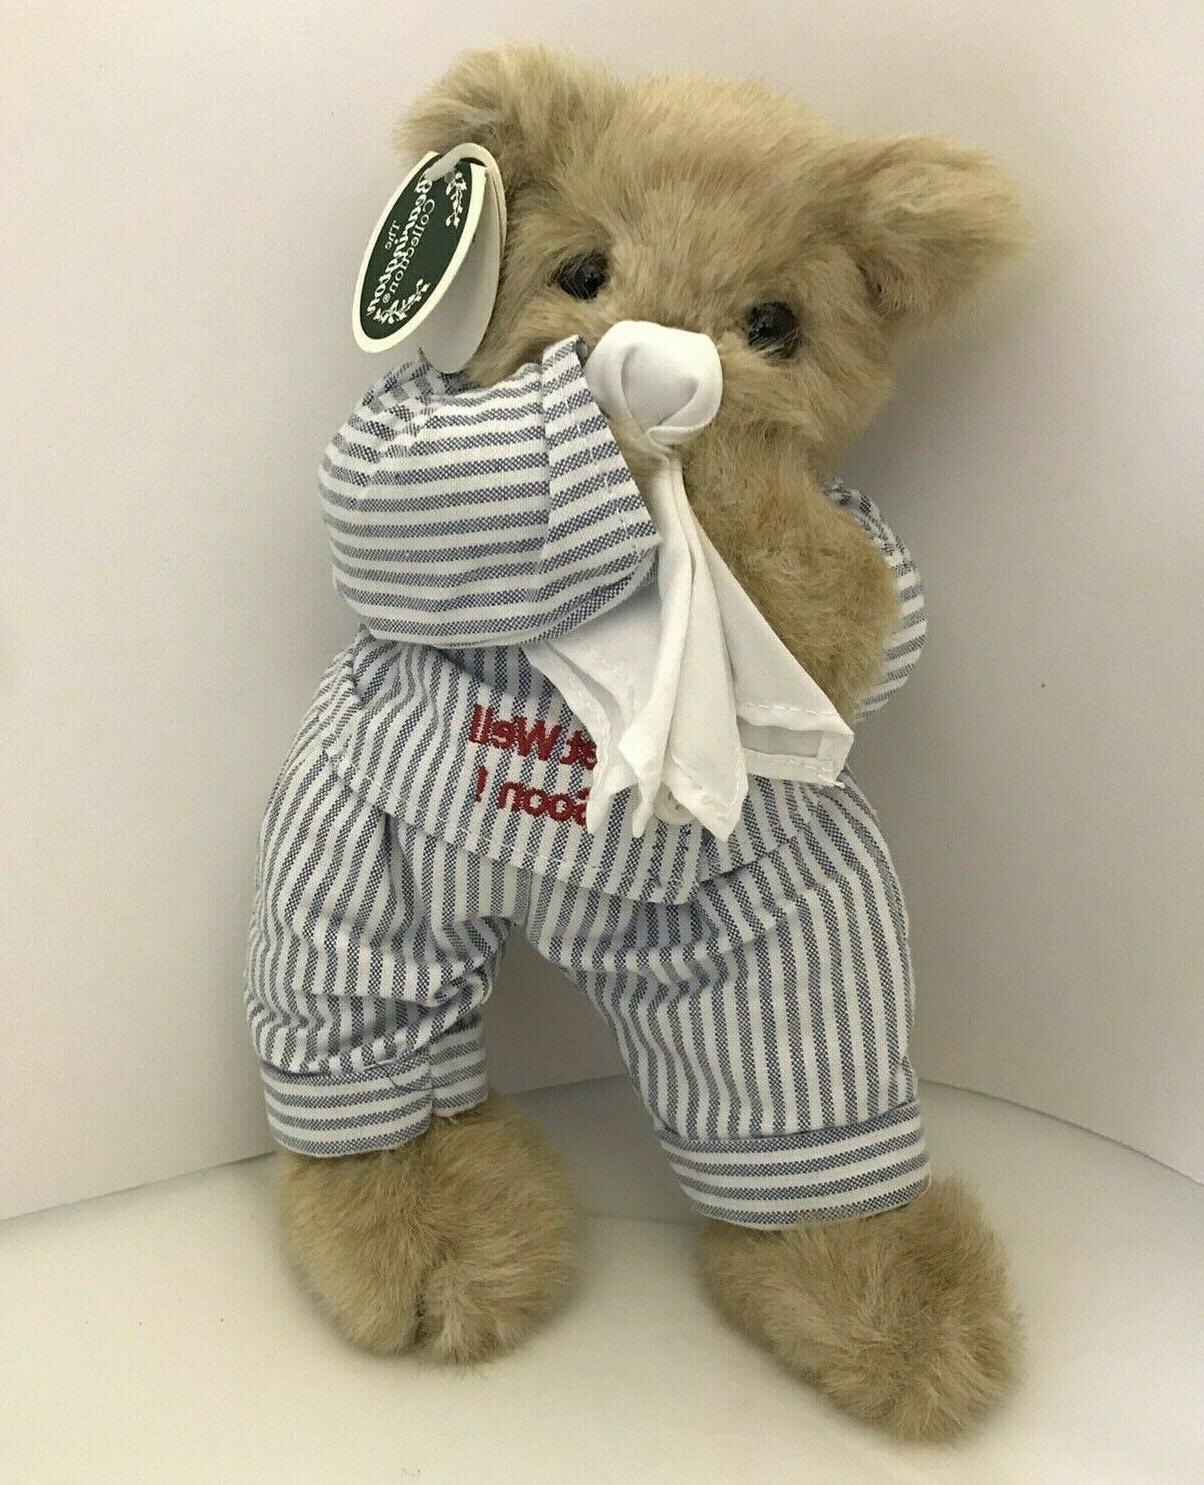 bearington illie willie teddy bear get well